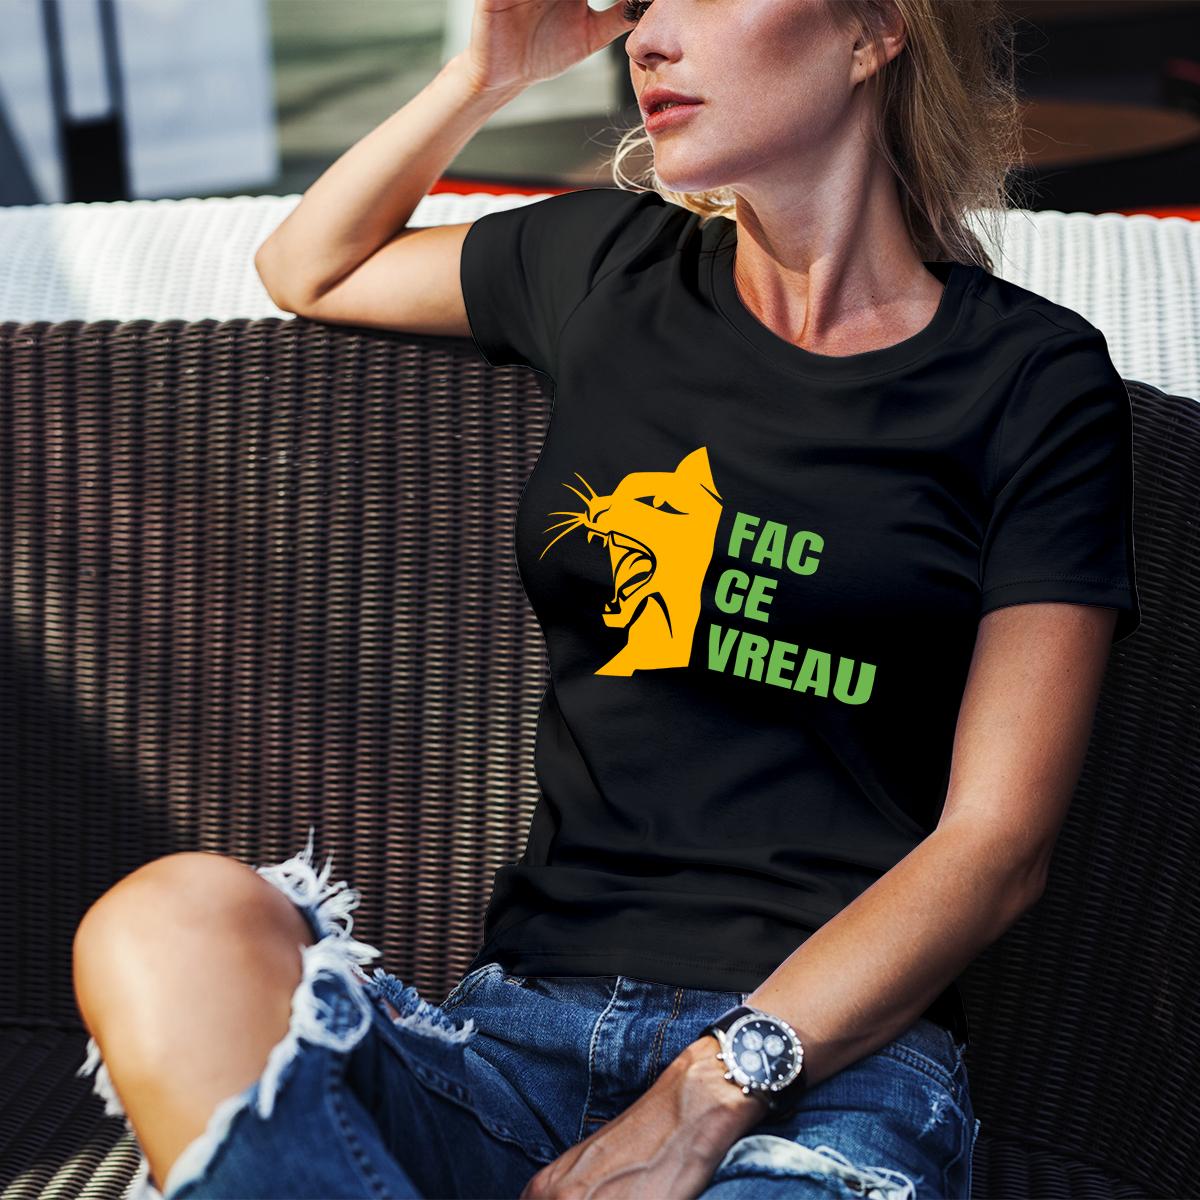 fac ce vreau tricou femei pisici 2